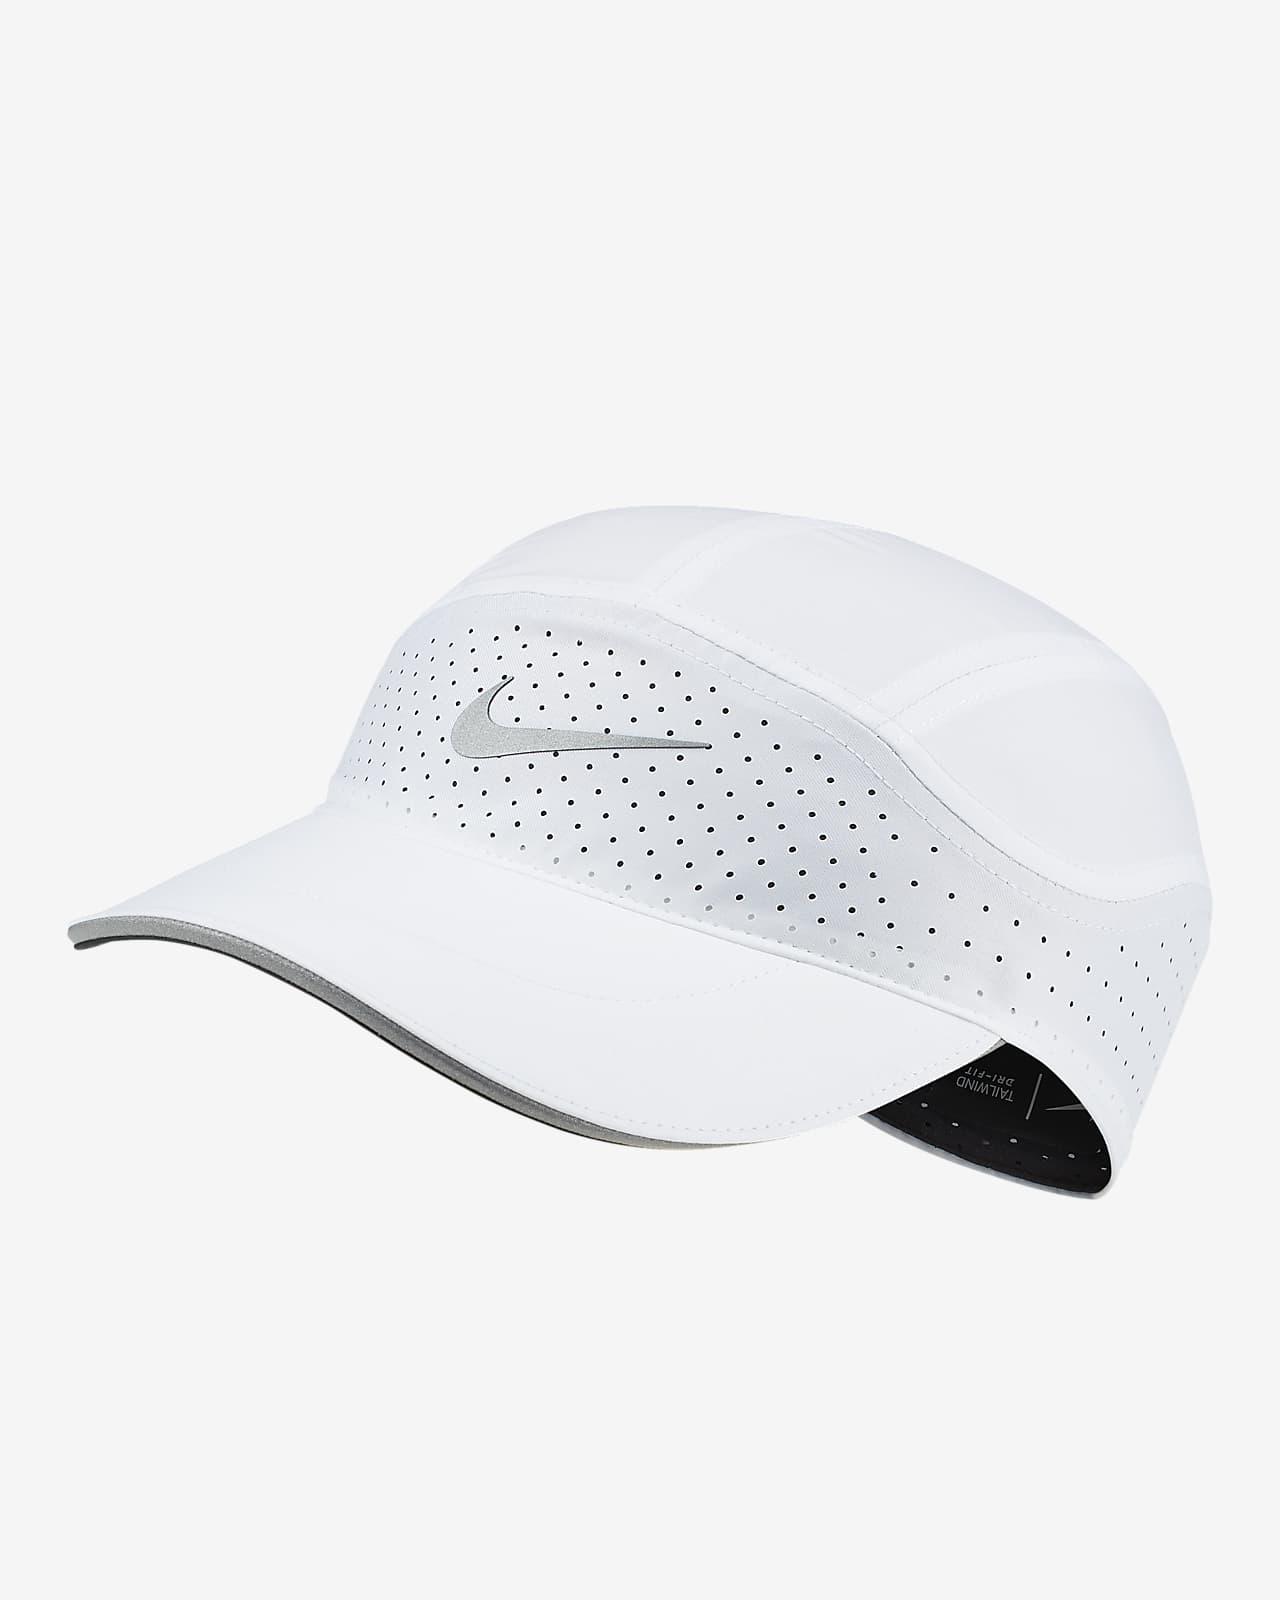 Καπέλο jockey για τρέξιμο Nike AeroBill Tailwind